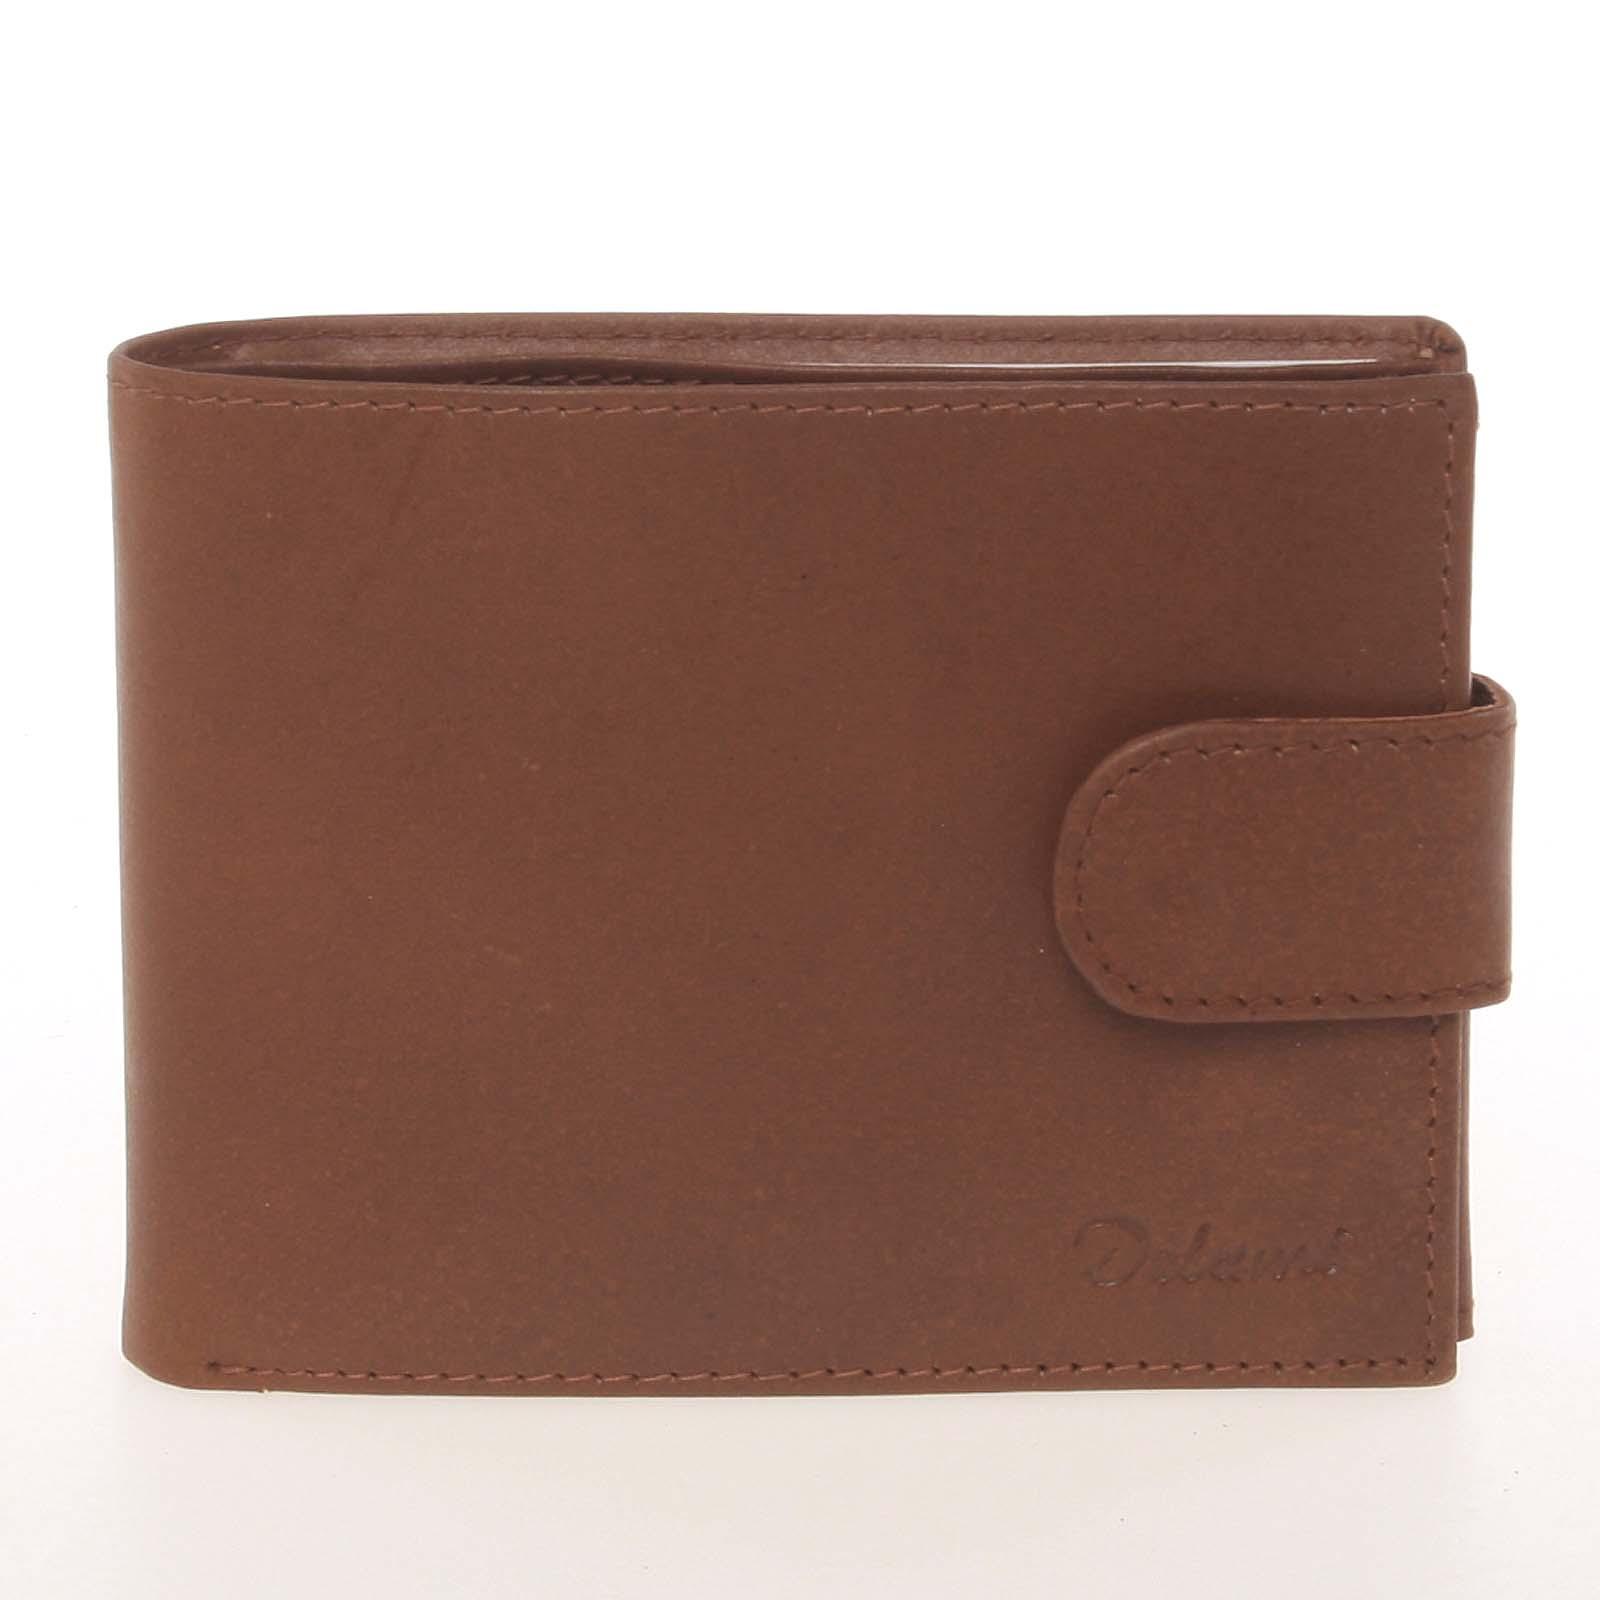 Pánska kožená svetlohnedá peňaženka - Delami Silvain